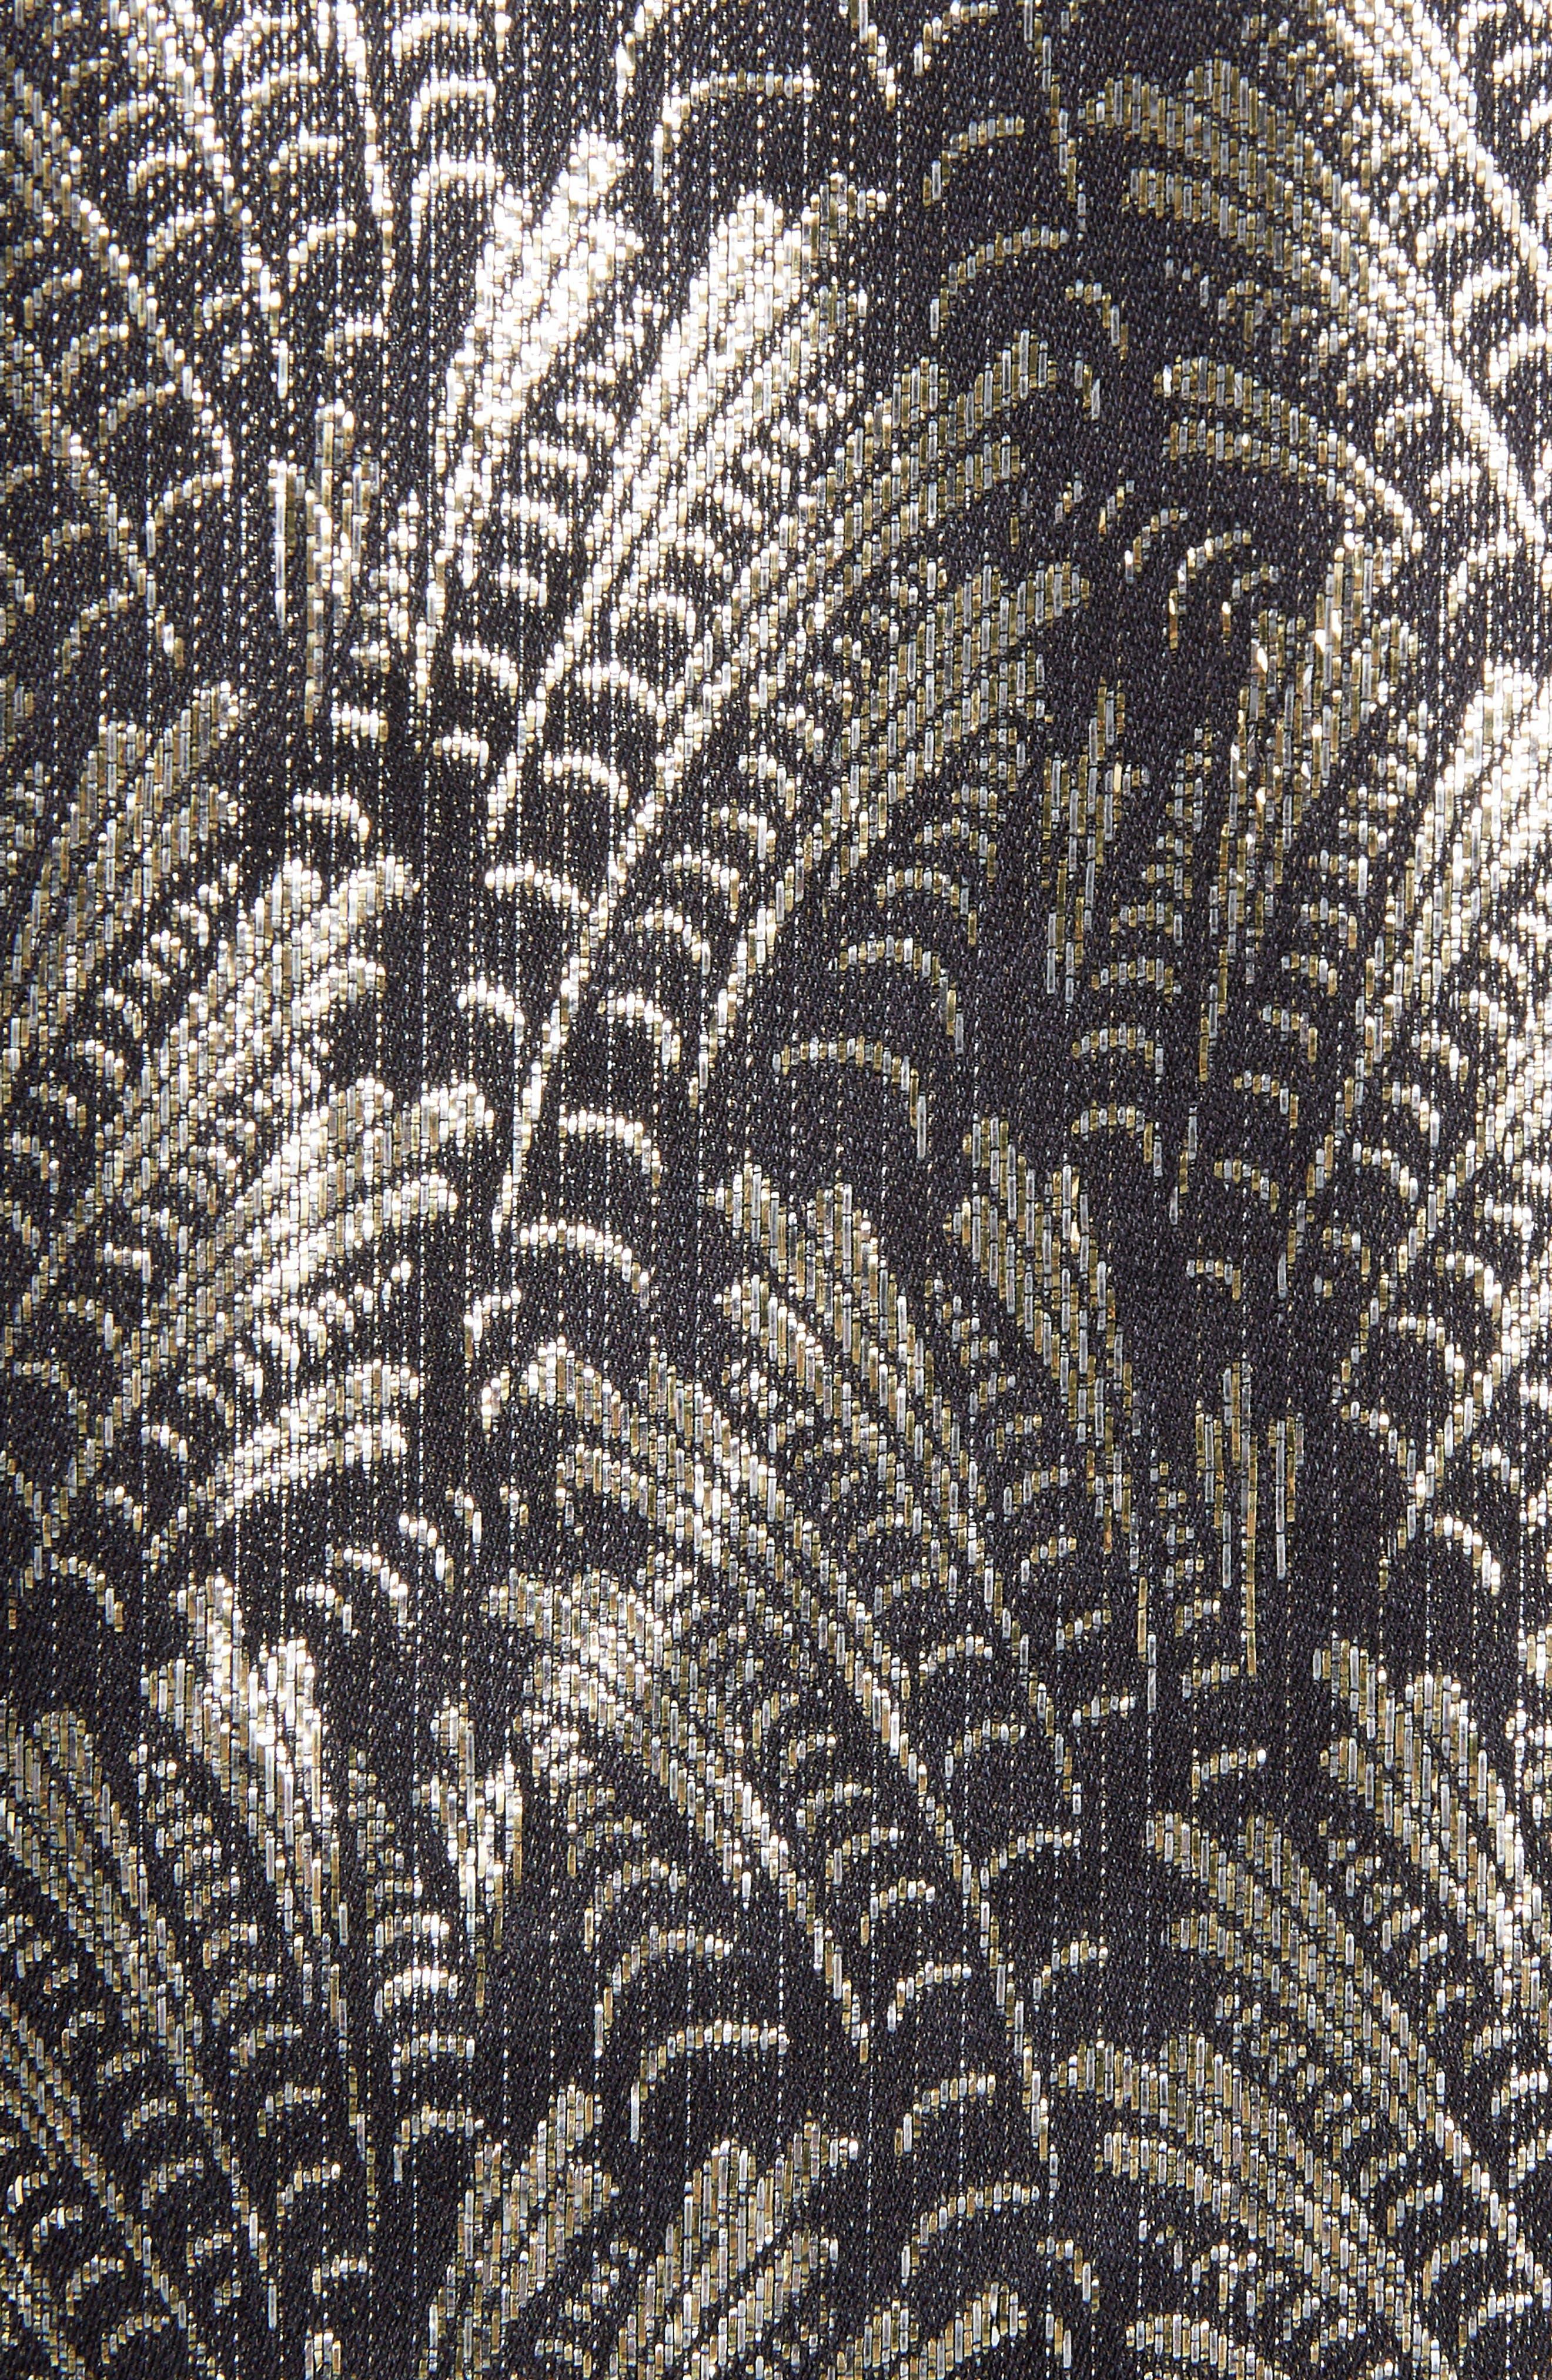 Metallic Jacquard Shift Dress,                             Alternate thumbnail 5, color,                             017